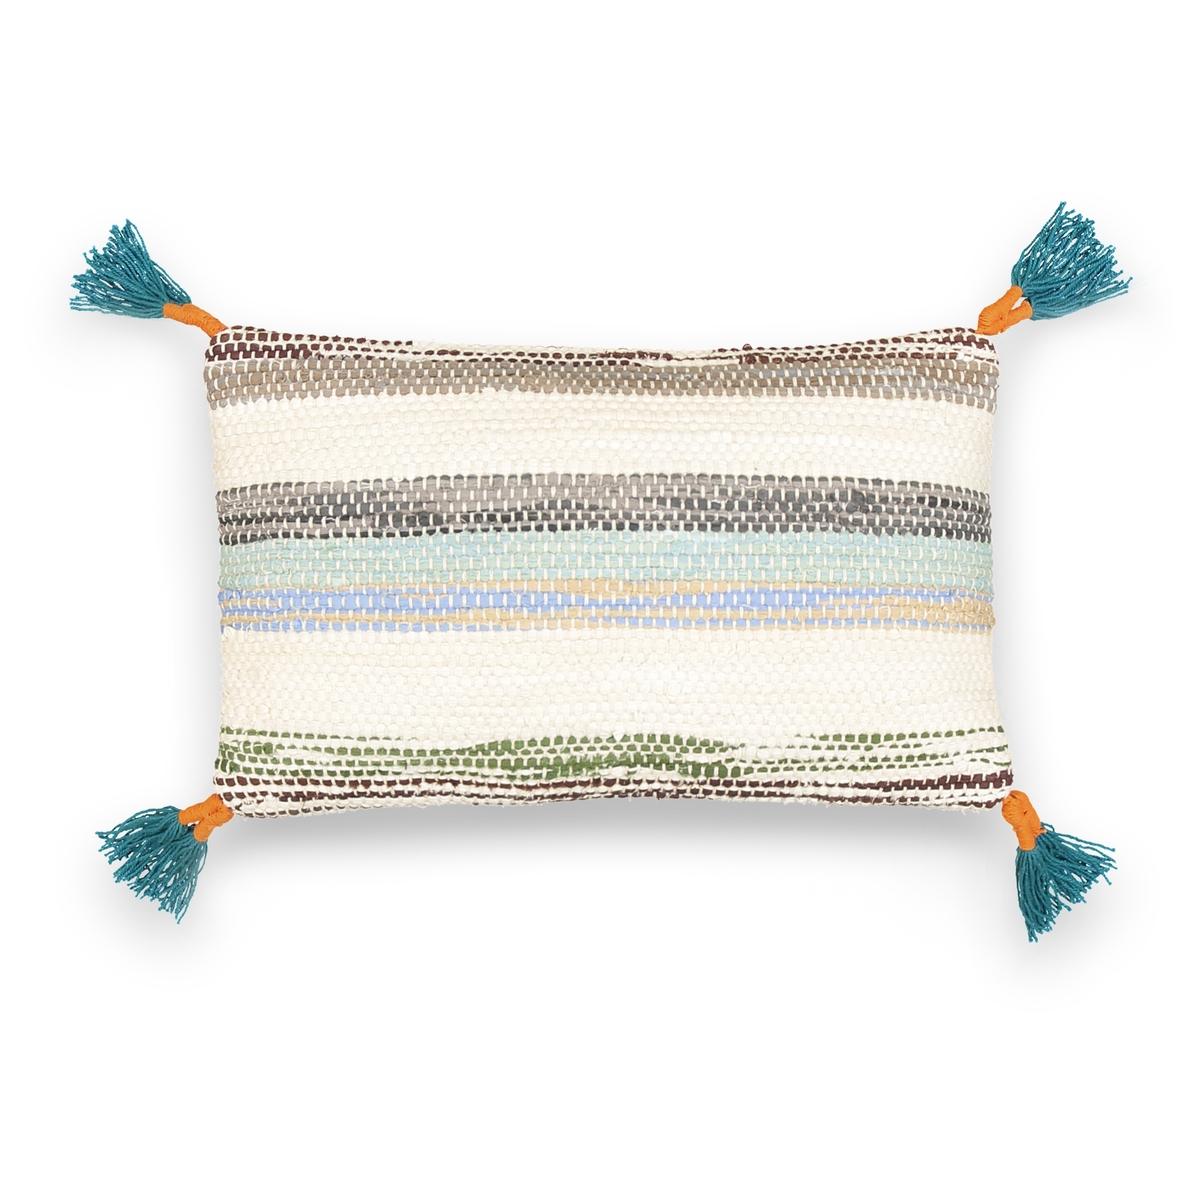 Чехол на подушку-валик из переработанного хлопка, HamadaЧехол на подушку-валик Hamada. Красивый рисунок в полоску, отделка оригинальными кисточками по 4 углам, чехол из 100% переработанного хлопка. Застежка на скрытую молнию сзади. Размеры : 50 x 30 см. Подушка-валик продается отдельно на нашем сайте.<br><br>Цвет: экрю